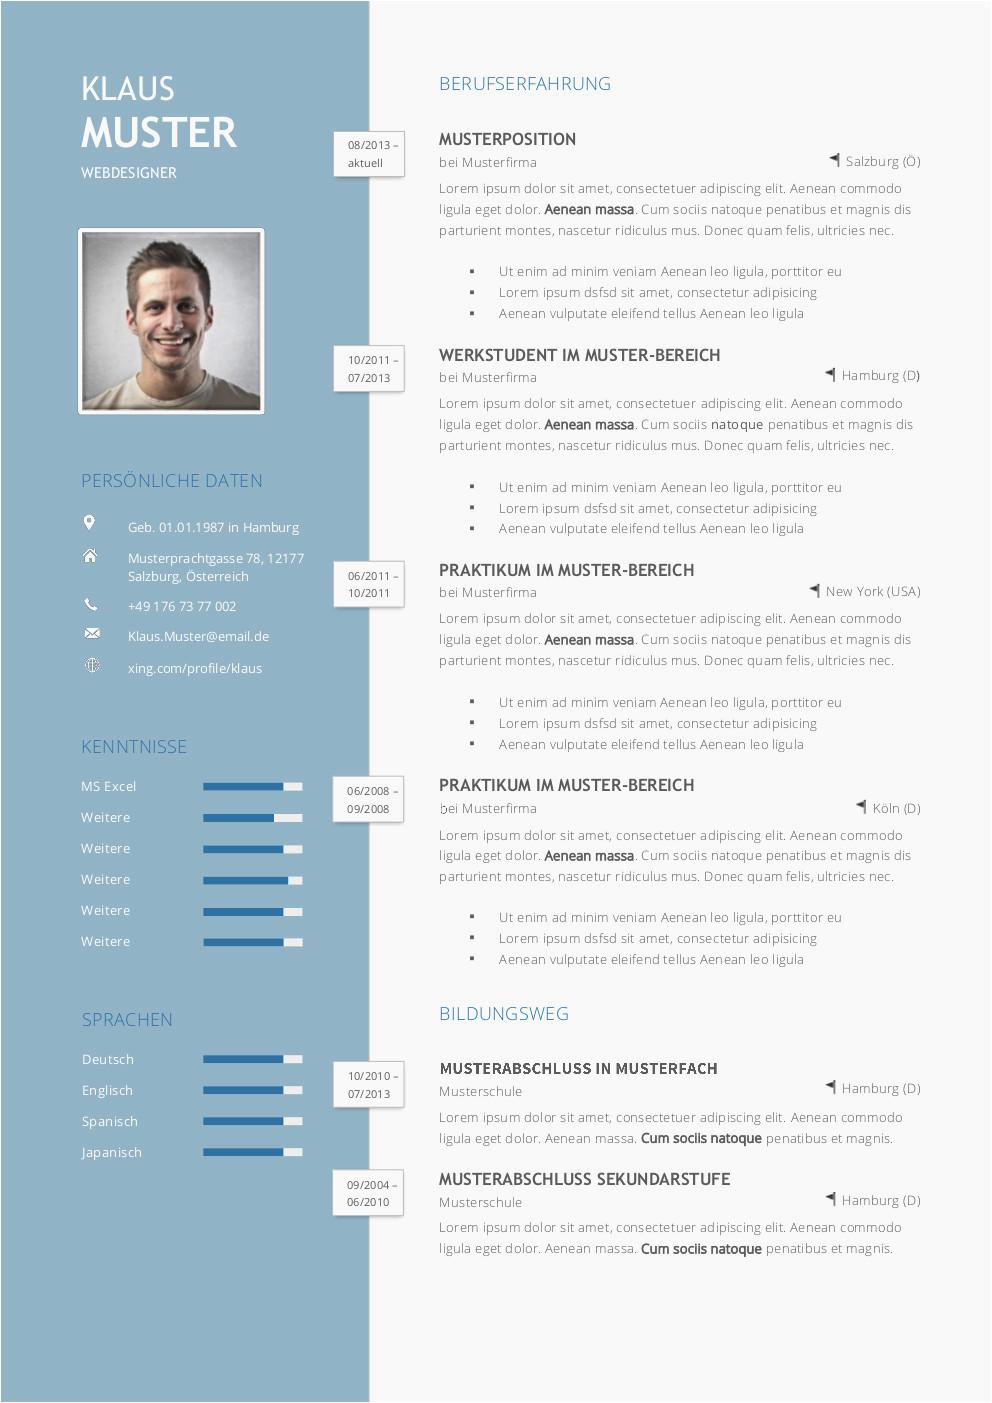 bewerbung lebenslauf design vorlage premium bewerbungsmuster 1 of bewerbung lebenslauf design vorlage